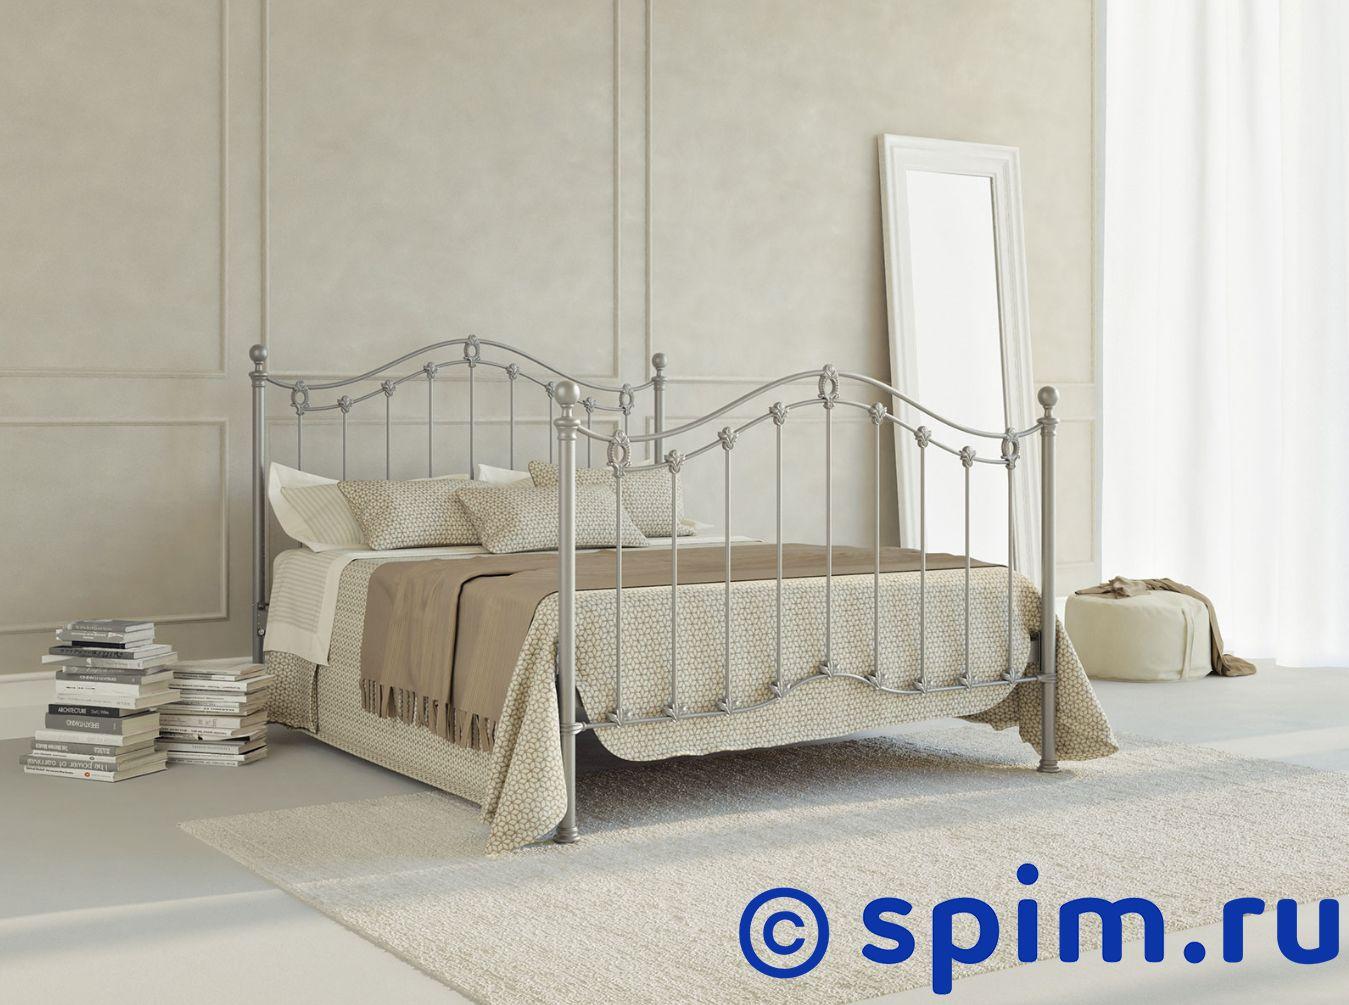 Кровать Originals by Dreamline Kari (2 спинки) 180х190 см kari кеды